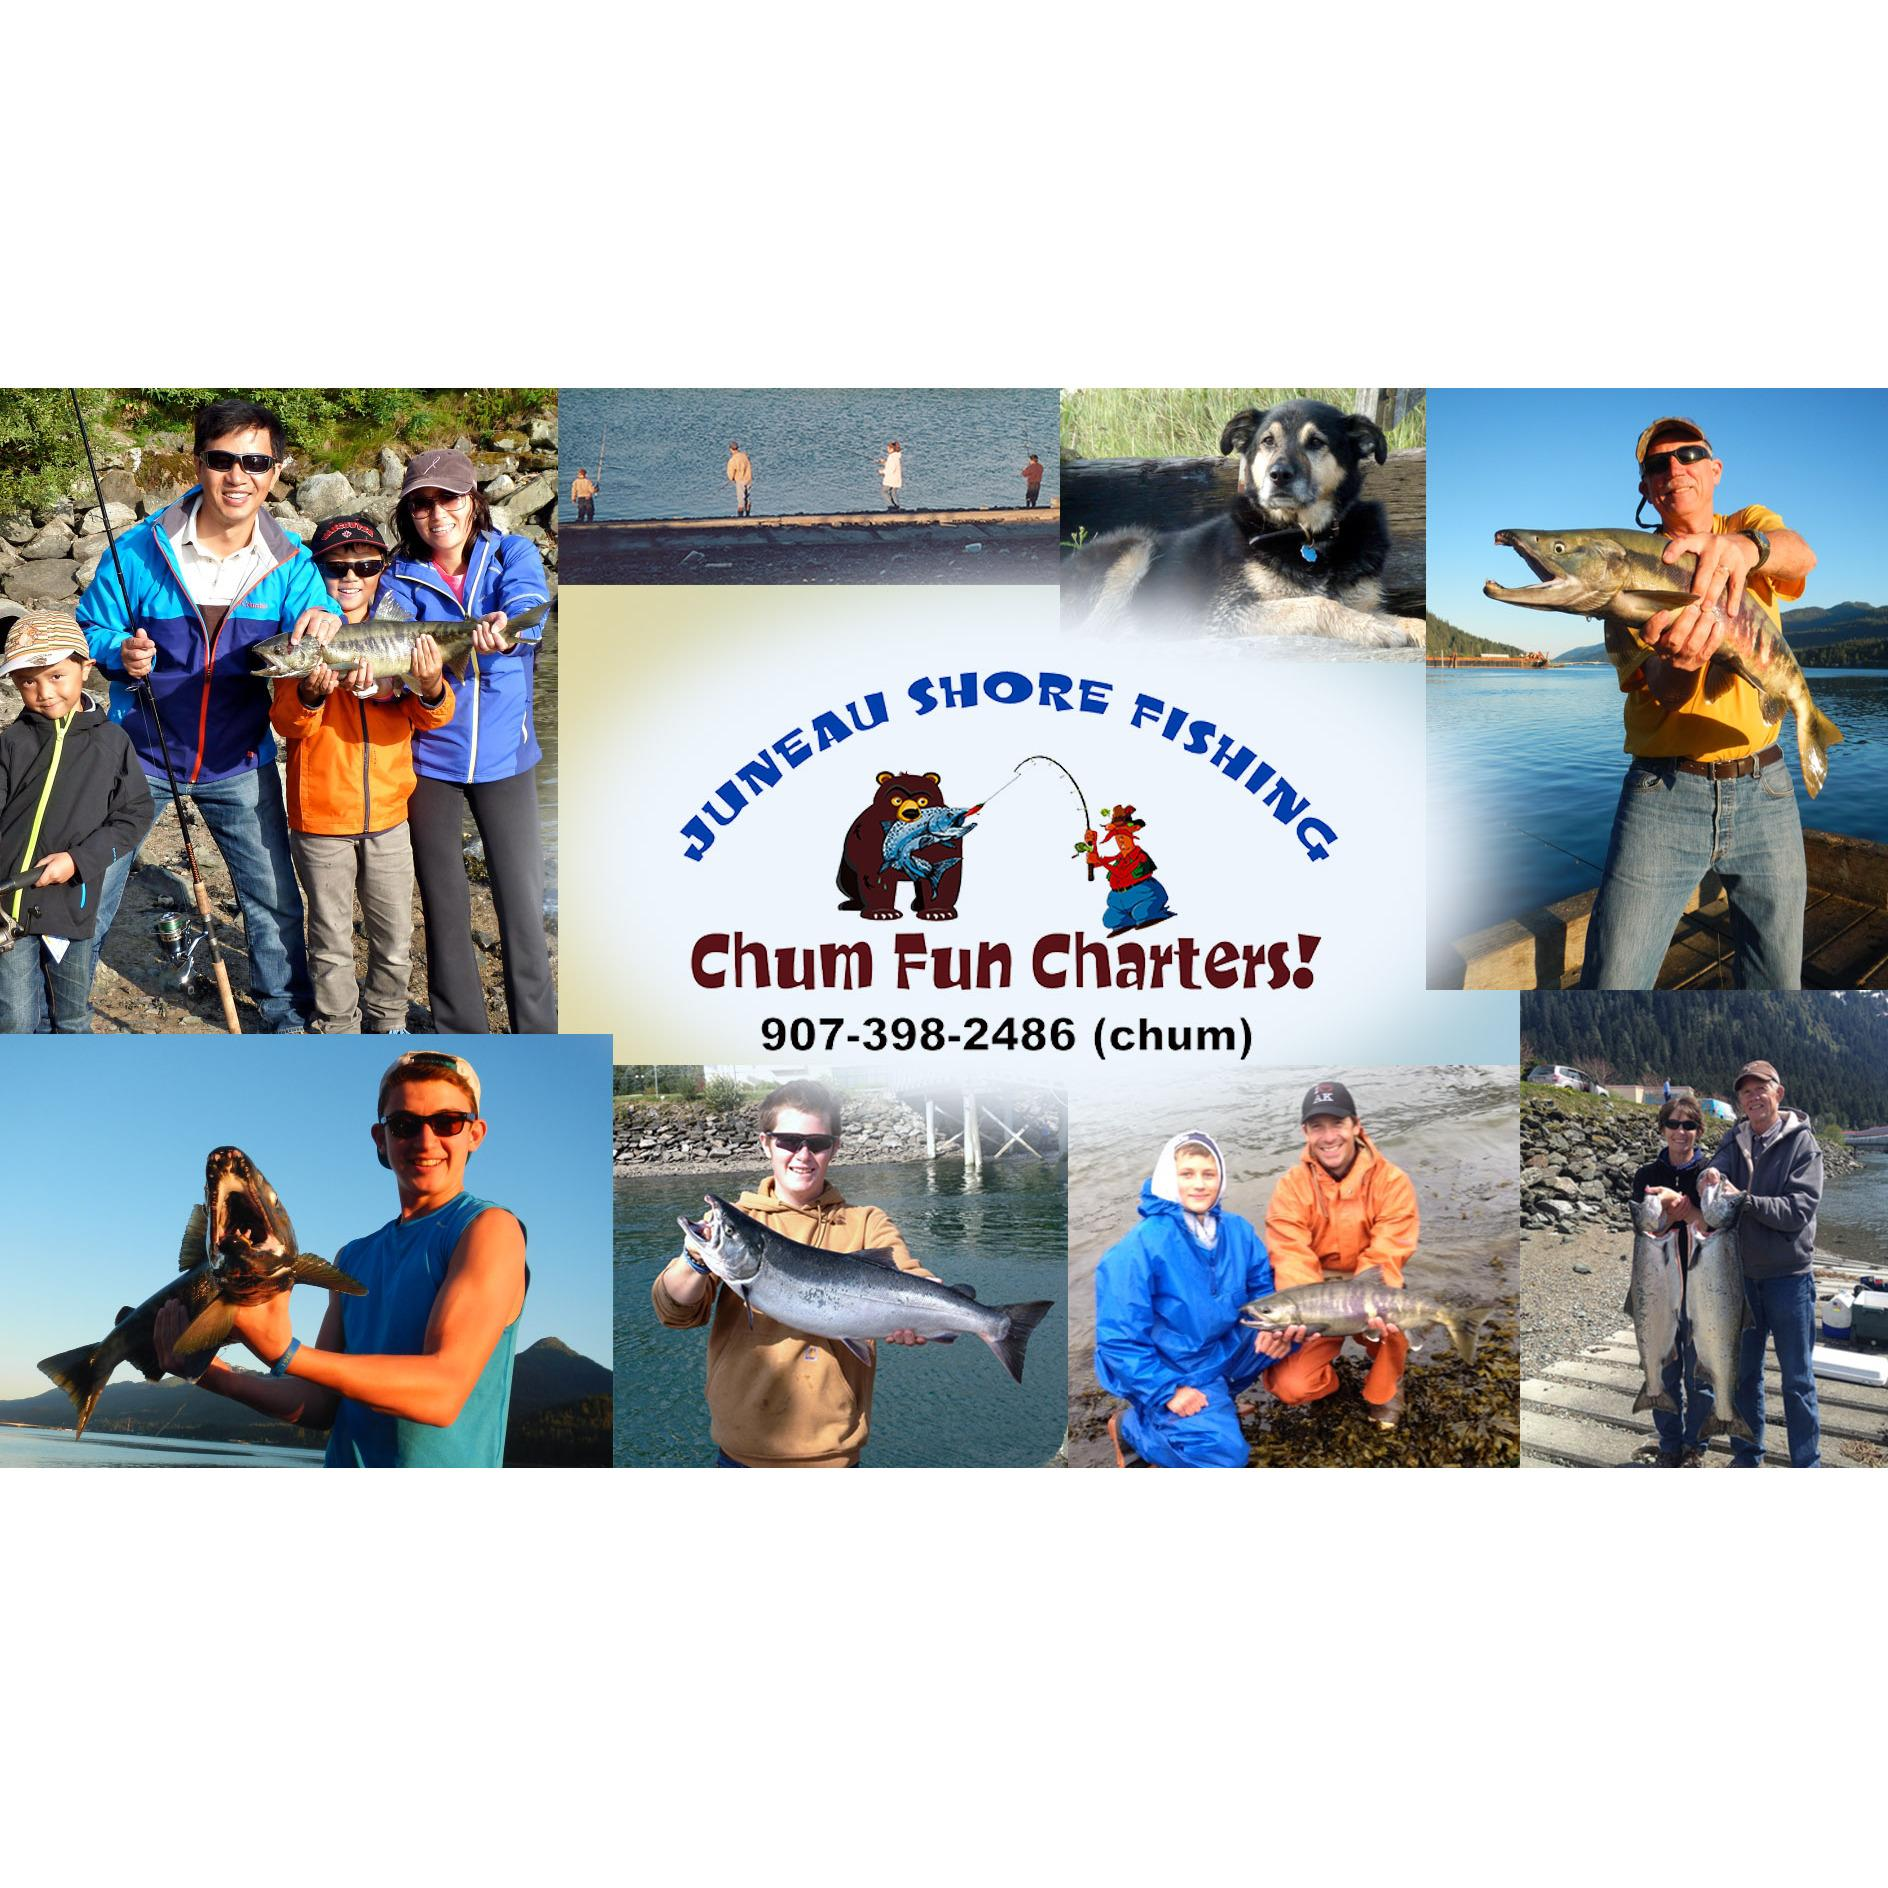 Chum Fun Charters